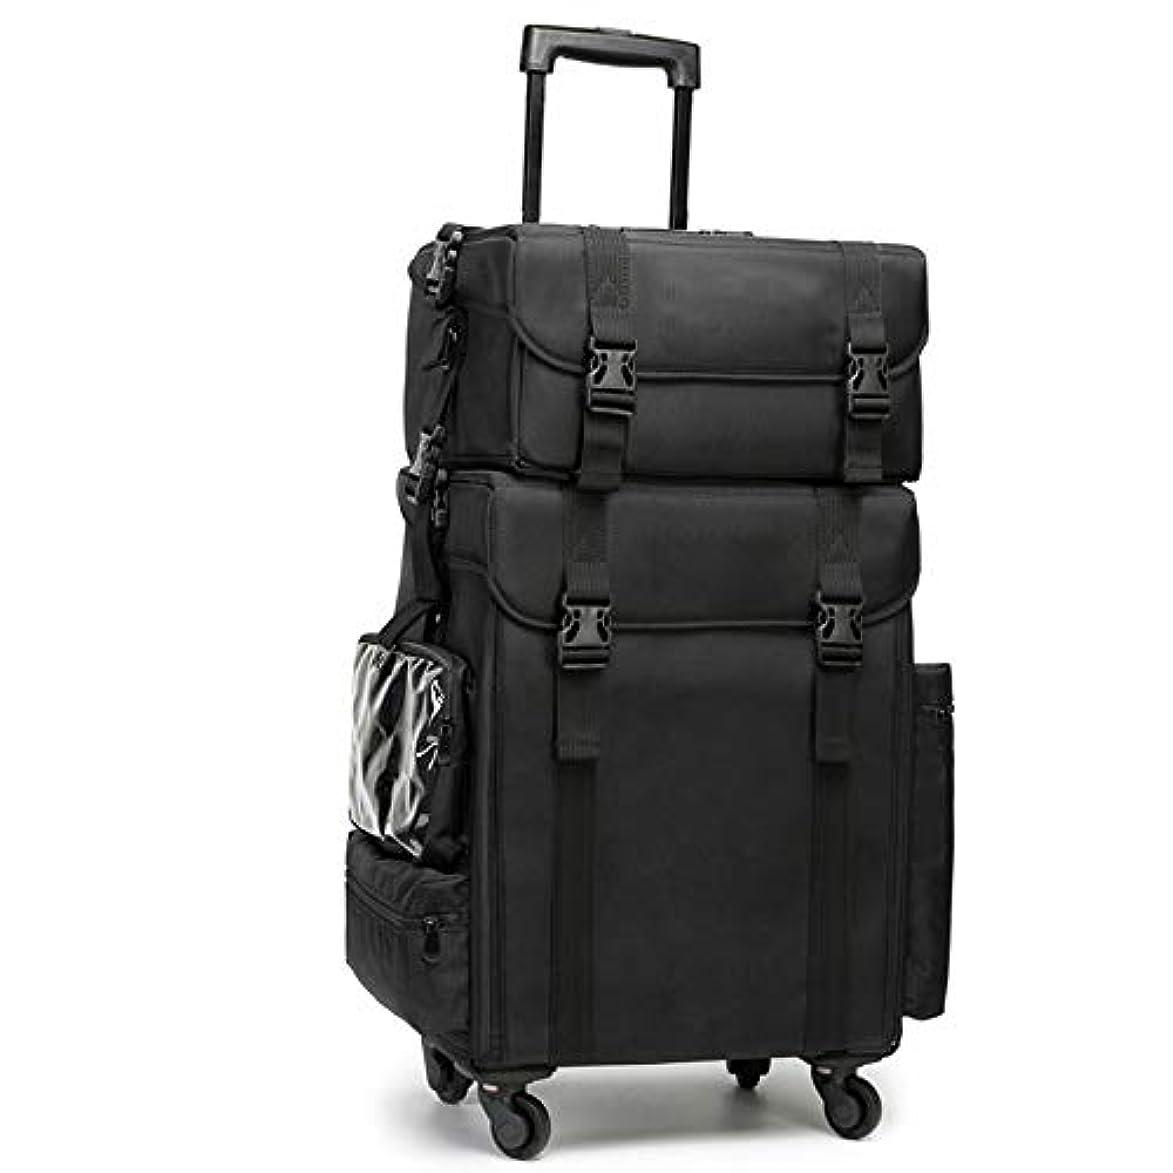 兄ベール立方体GOGOS メイクボックス 大容量 プロ仕様 コスメボックス スーツケース型 化粧品収納ボックス 美容師 アーティスト バッグ ケース 4輪 キャスター付き 防水 出張 携帯 便利